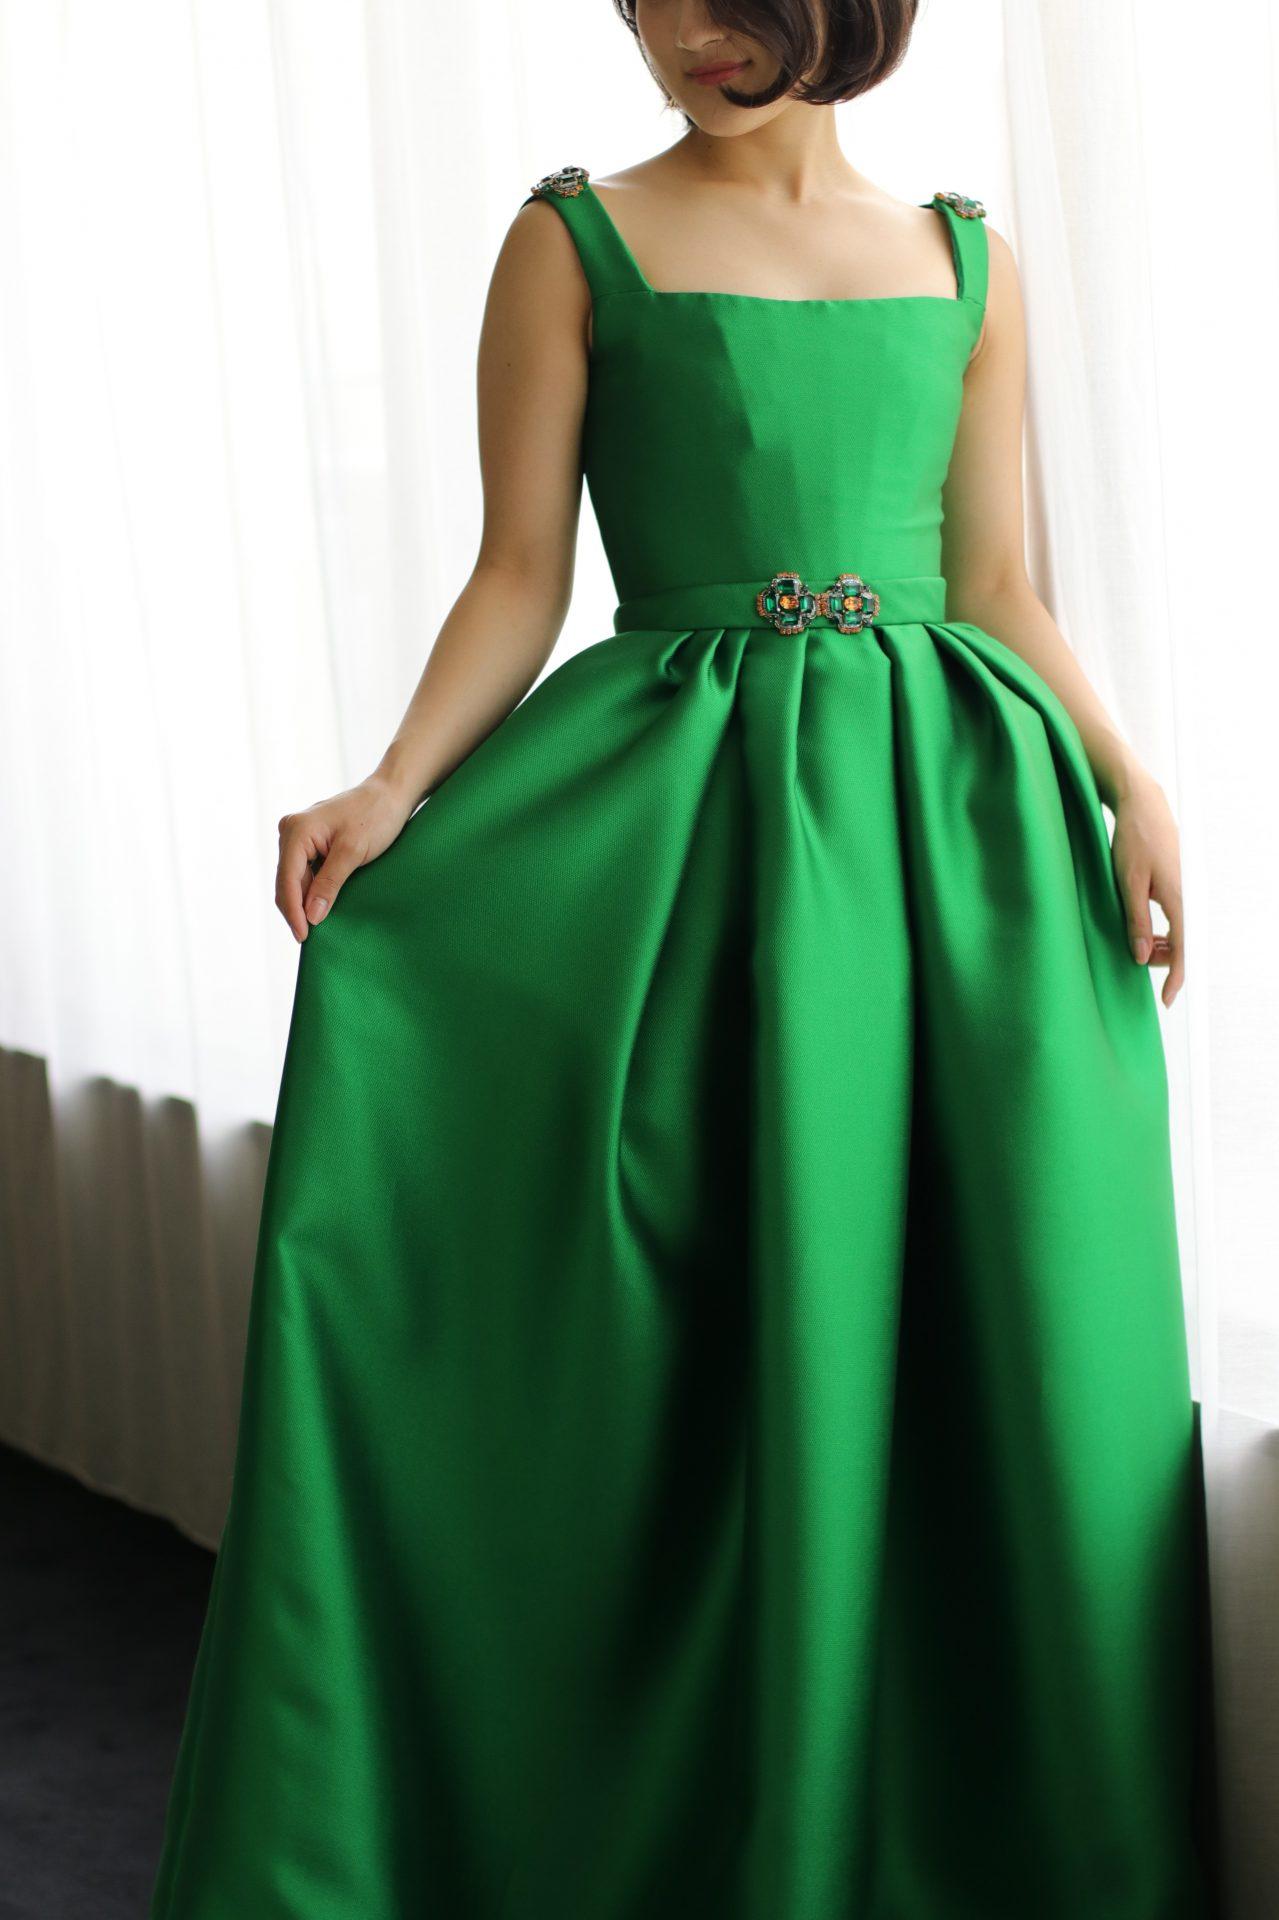 インポートドレスのセレクトショップであるTHETREATDRESSING ADDITION店に新作で入荷した緑のカラードレスはクラシカルな深みのある色と重厚な光沢が美しい、大人花嫁様におすすめの1着です